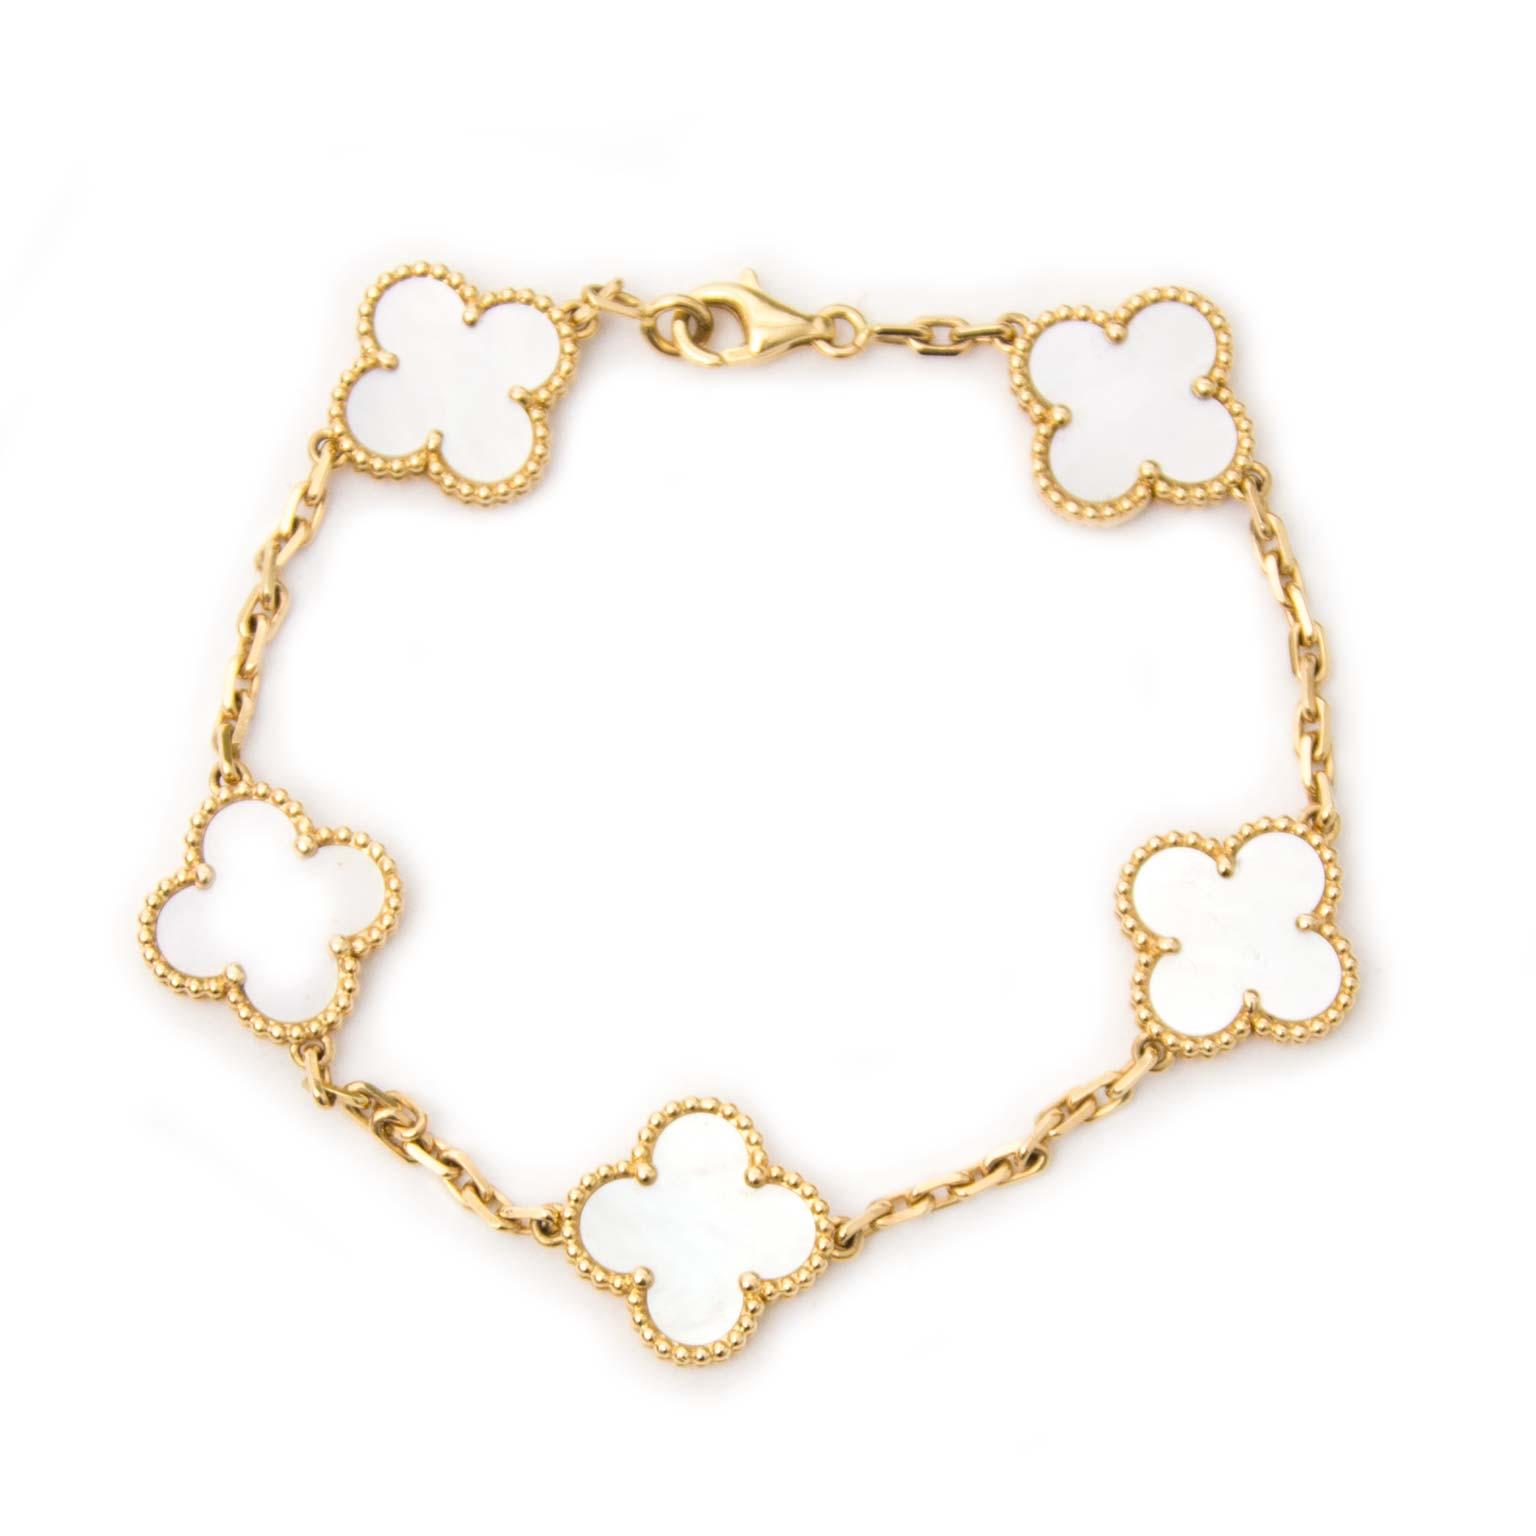 Van Cleef & Arpels Vintage Alhambra Bracelet online te koop